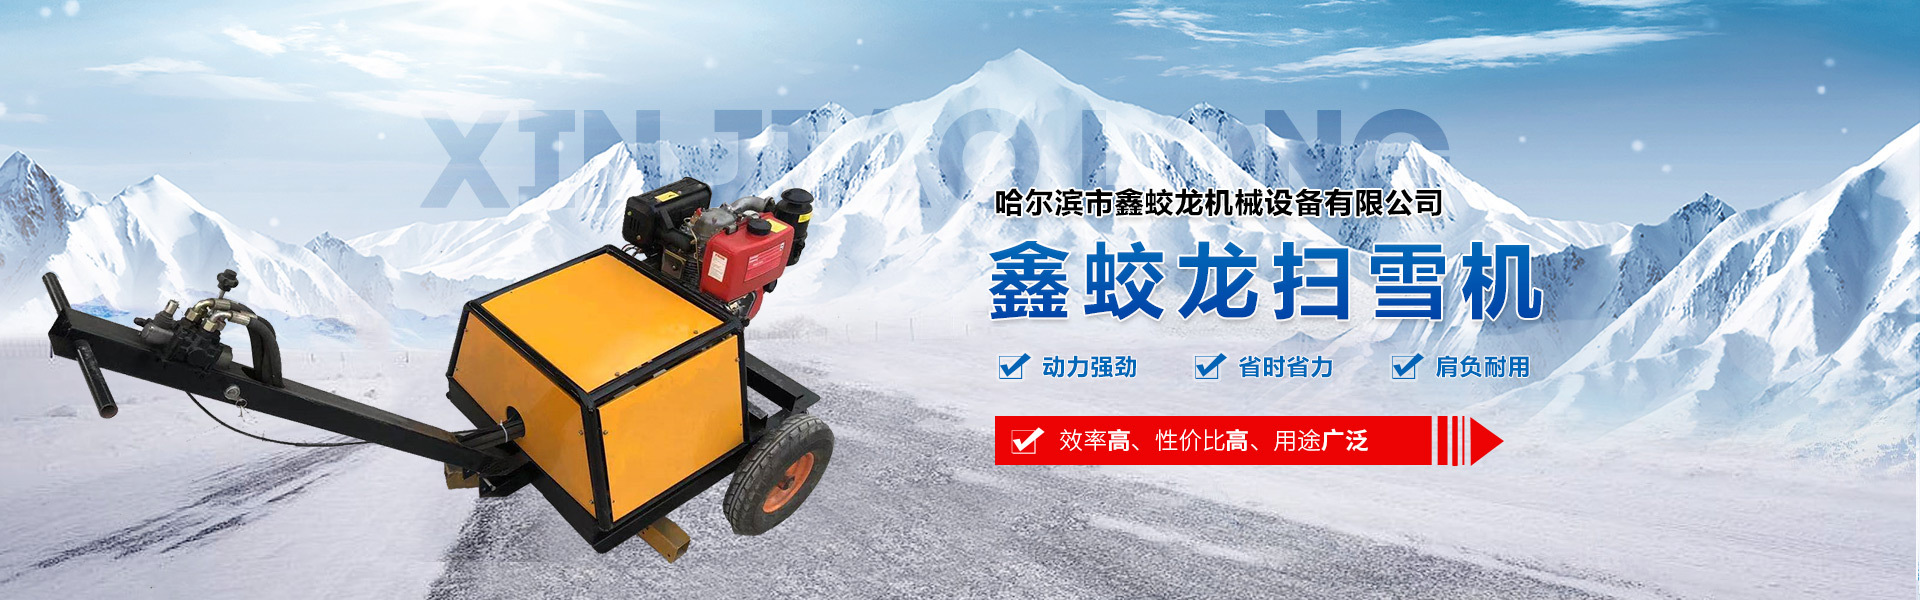 哈尔滨扫雪机